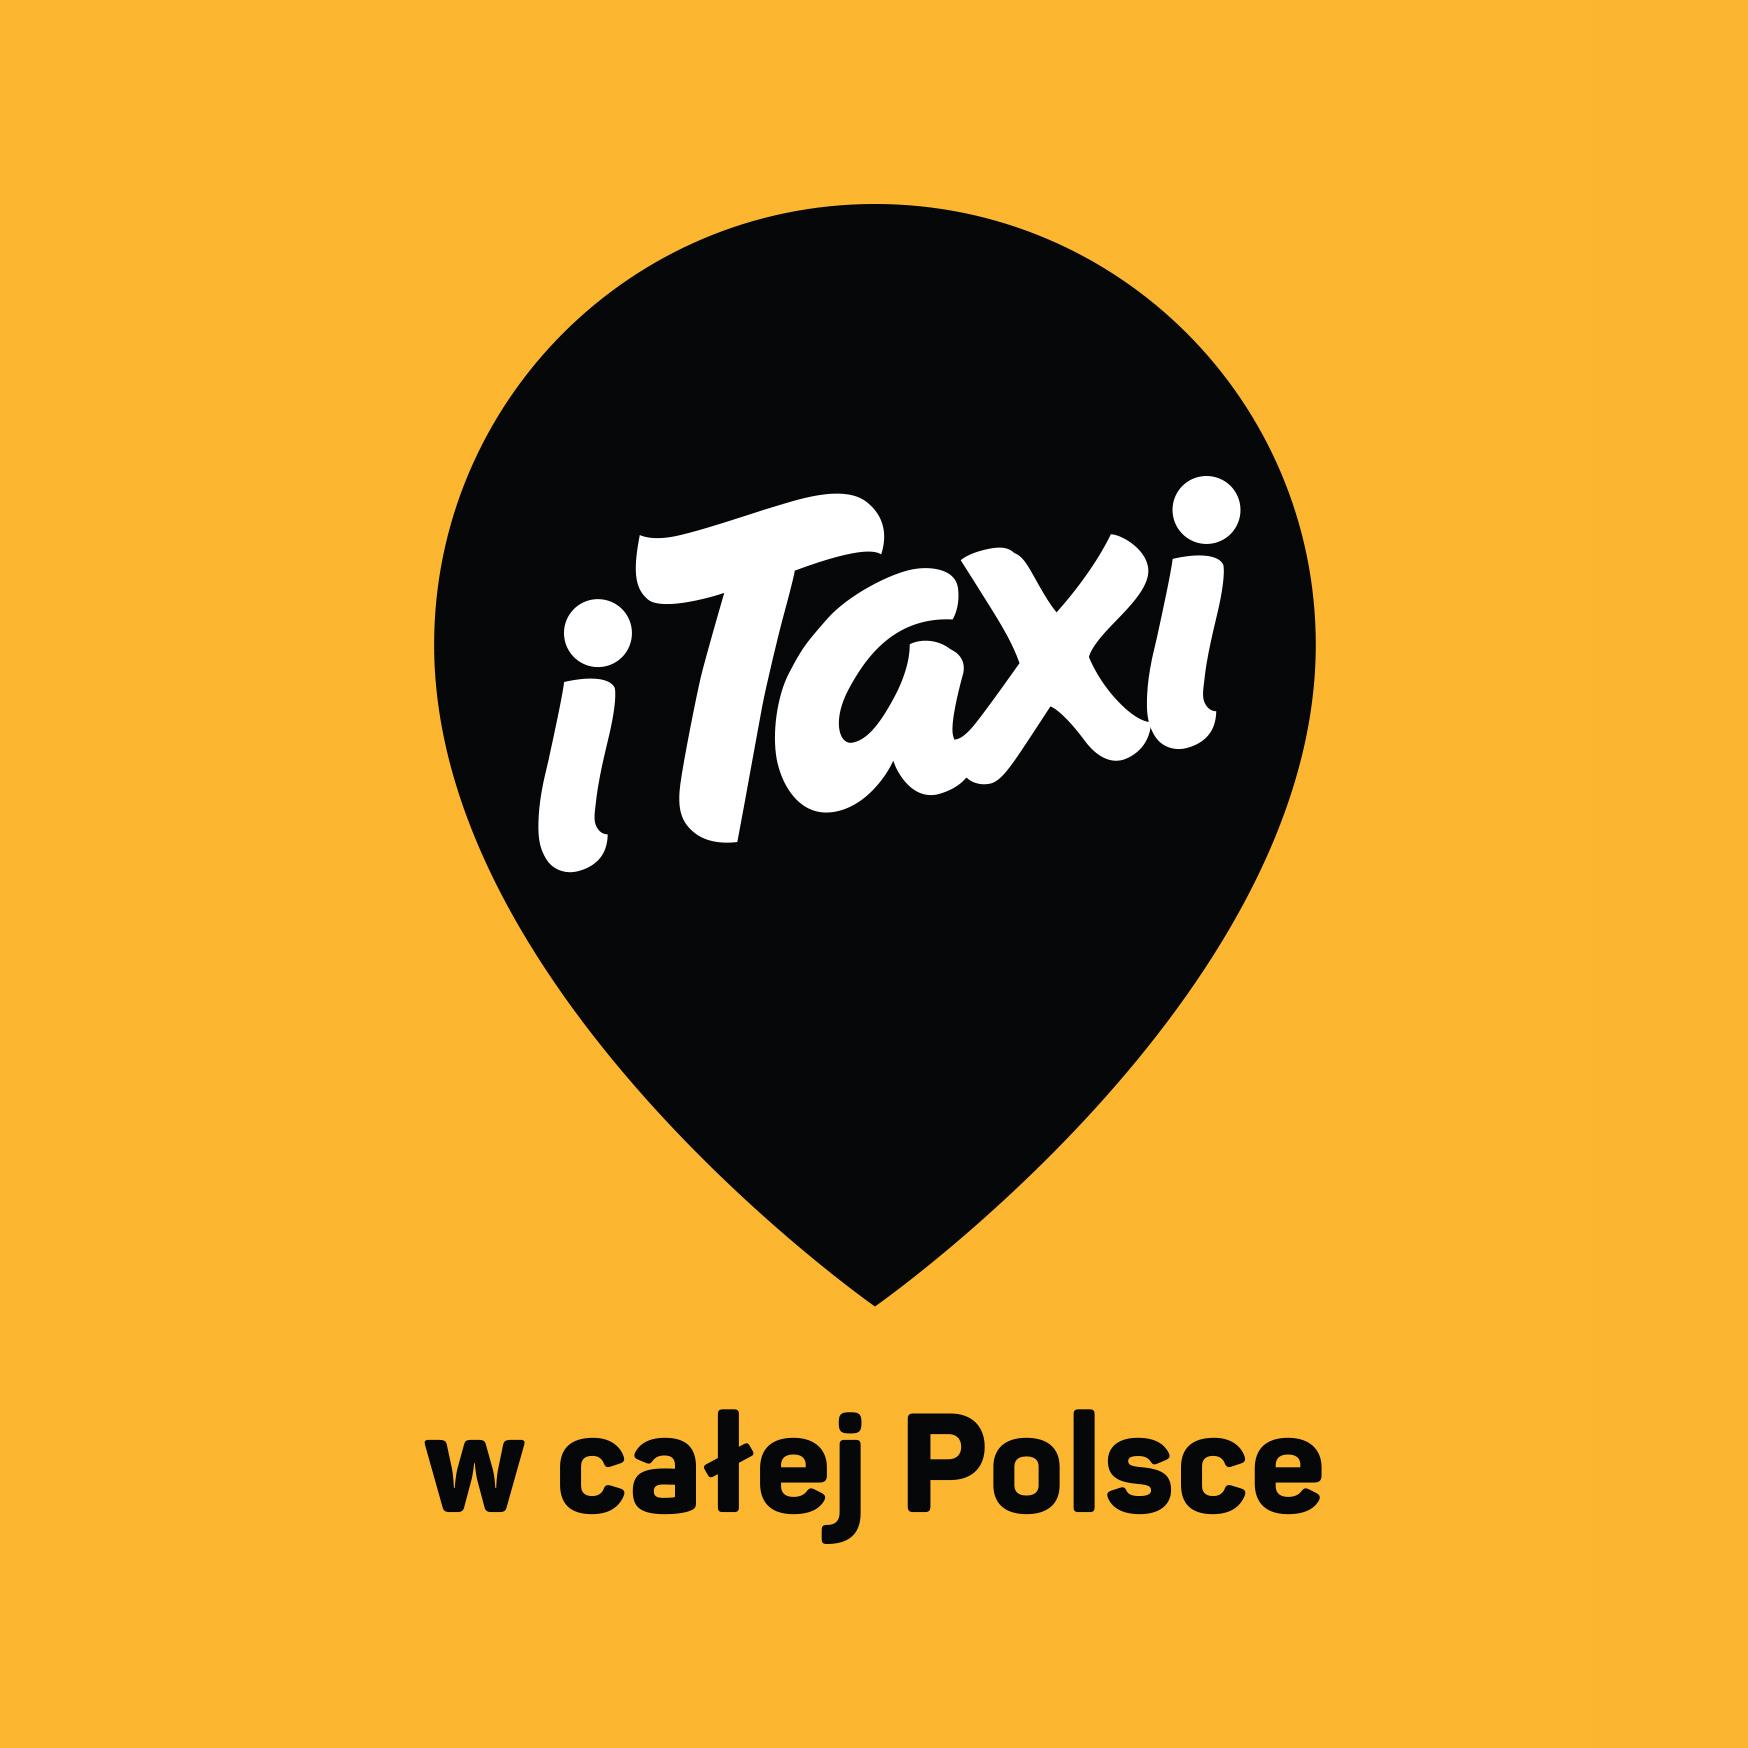 Infolinia iTaxi | Numer taxi, taksówka telefon, kontakt